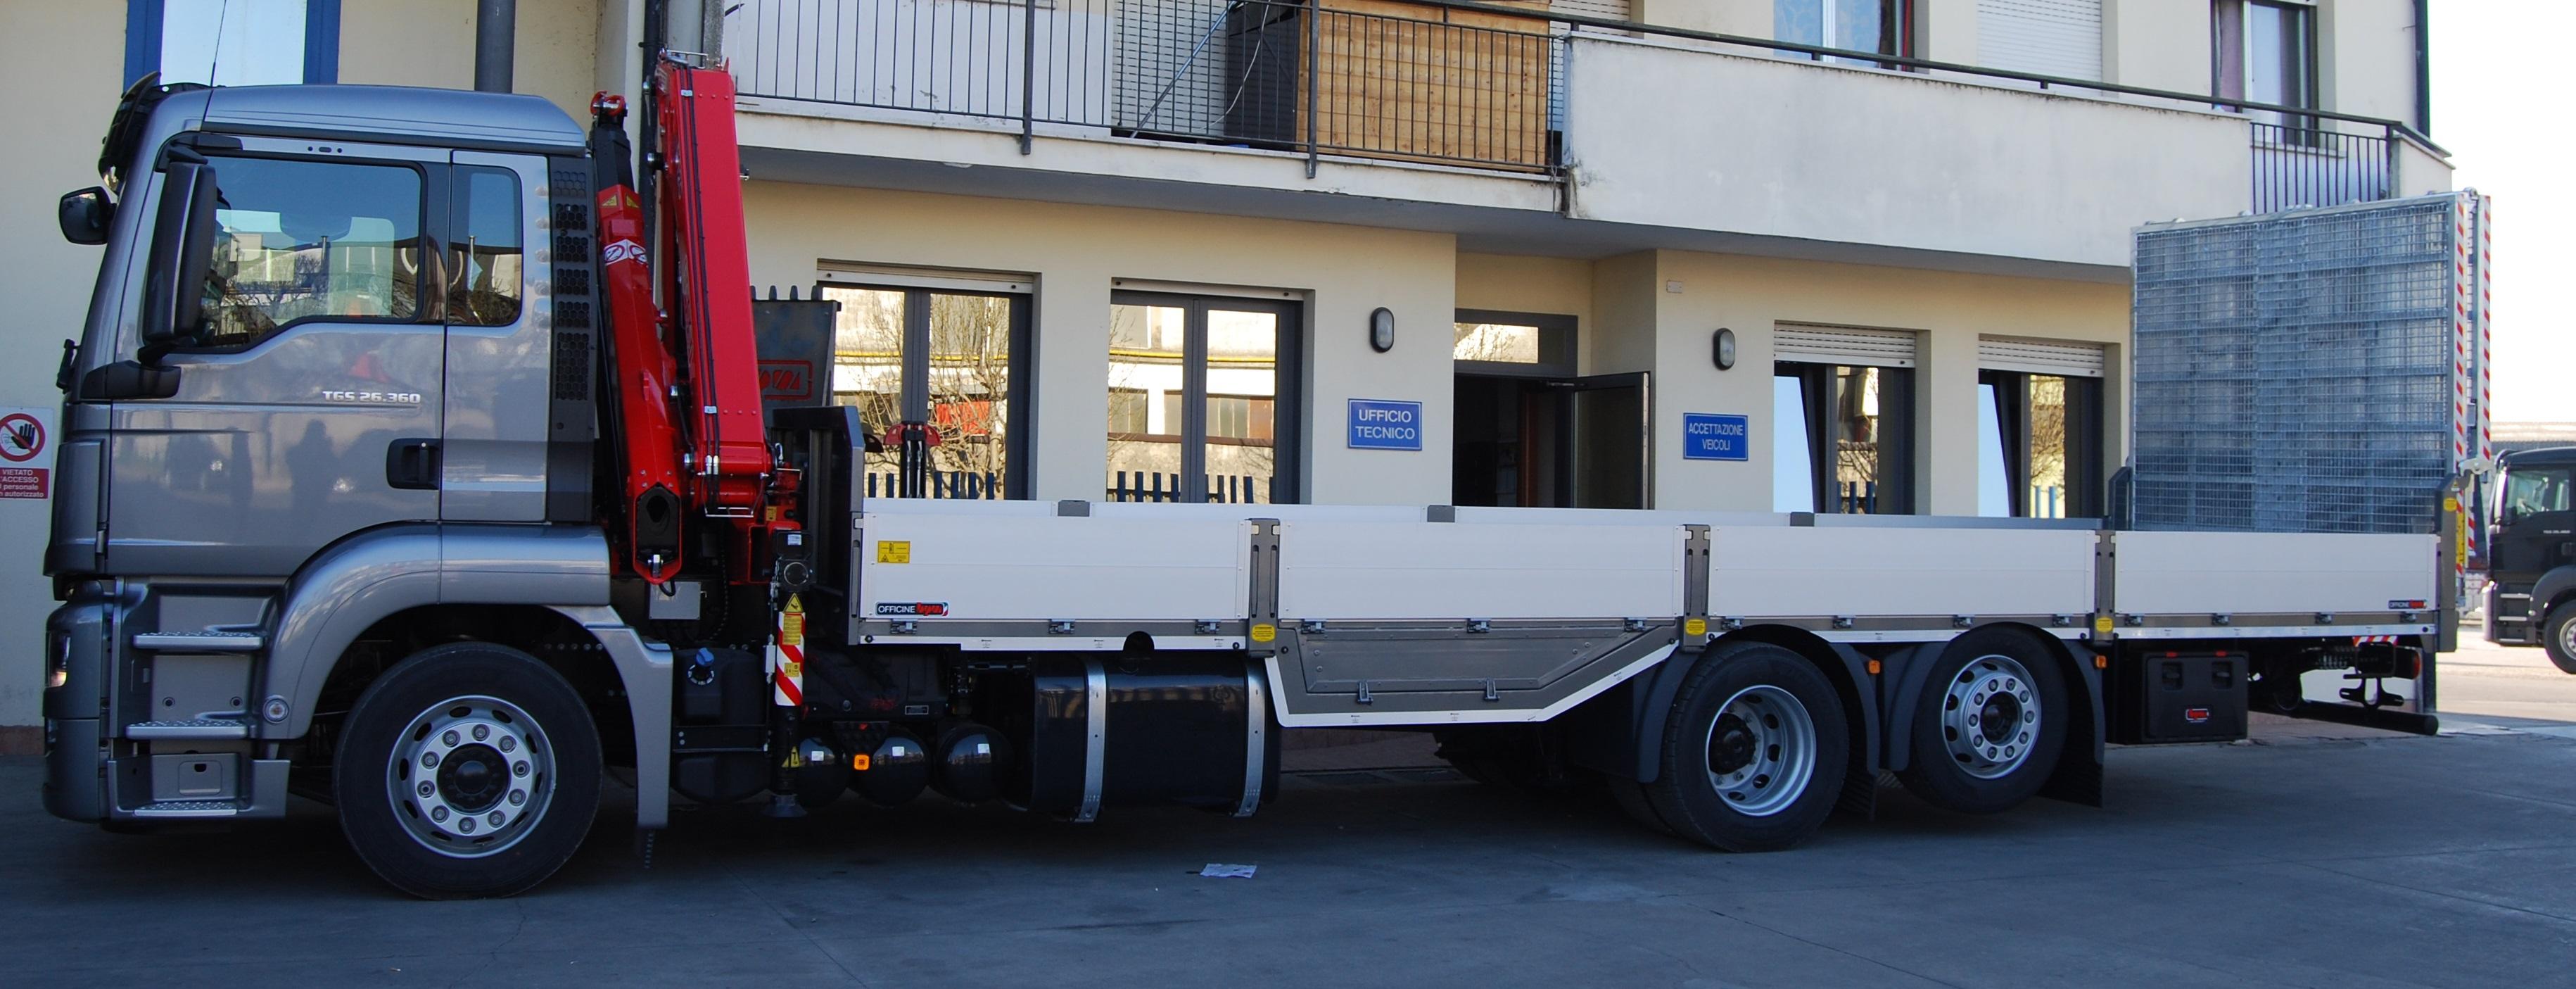 L'allestimento di un autocarro per il trasporto di trattori e attrezzature agricole